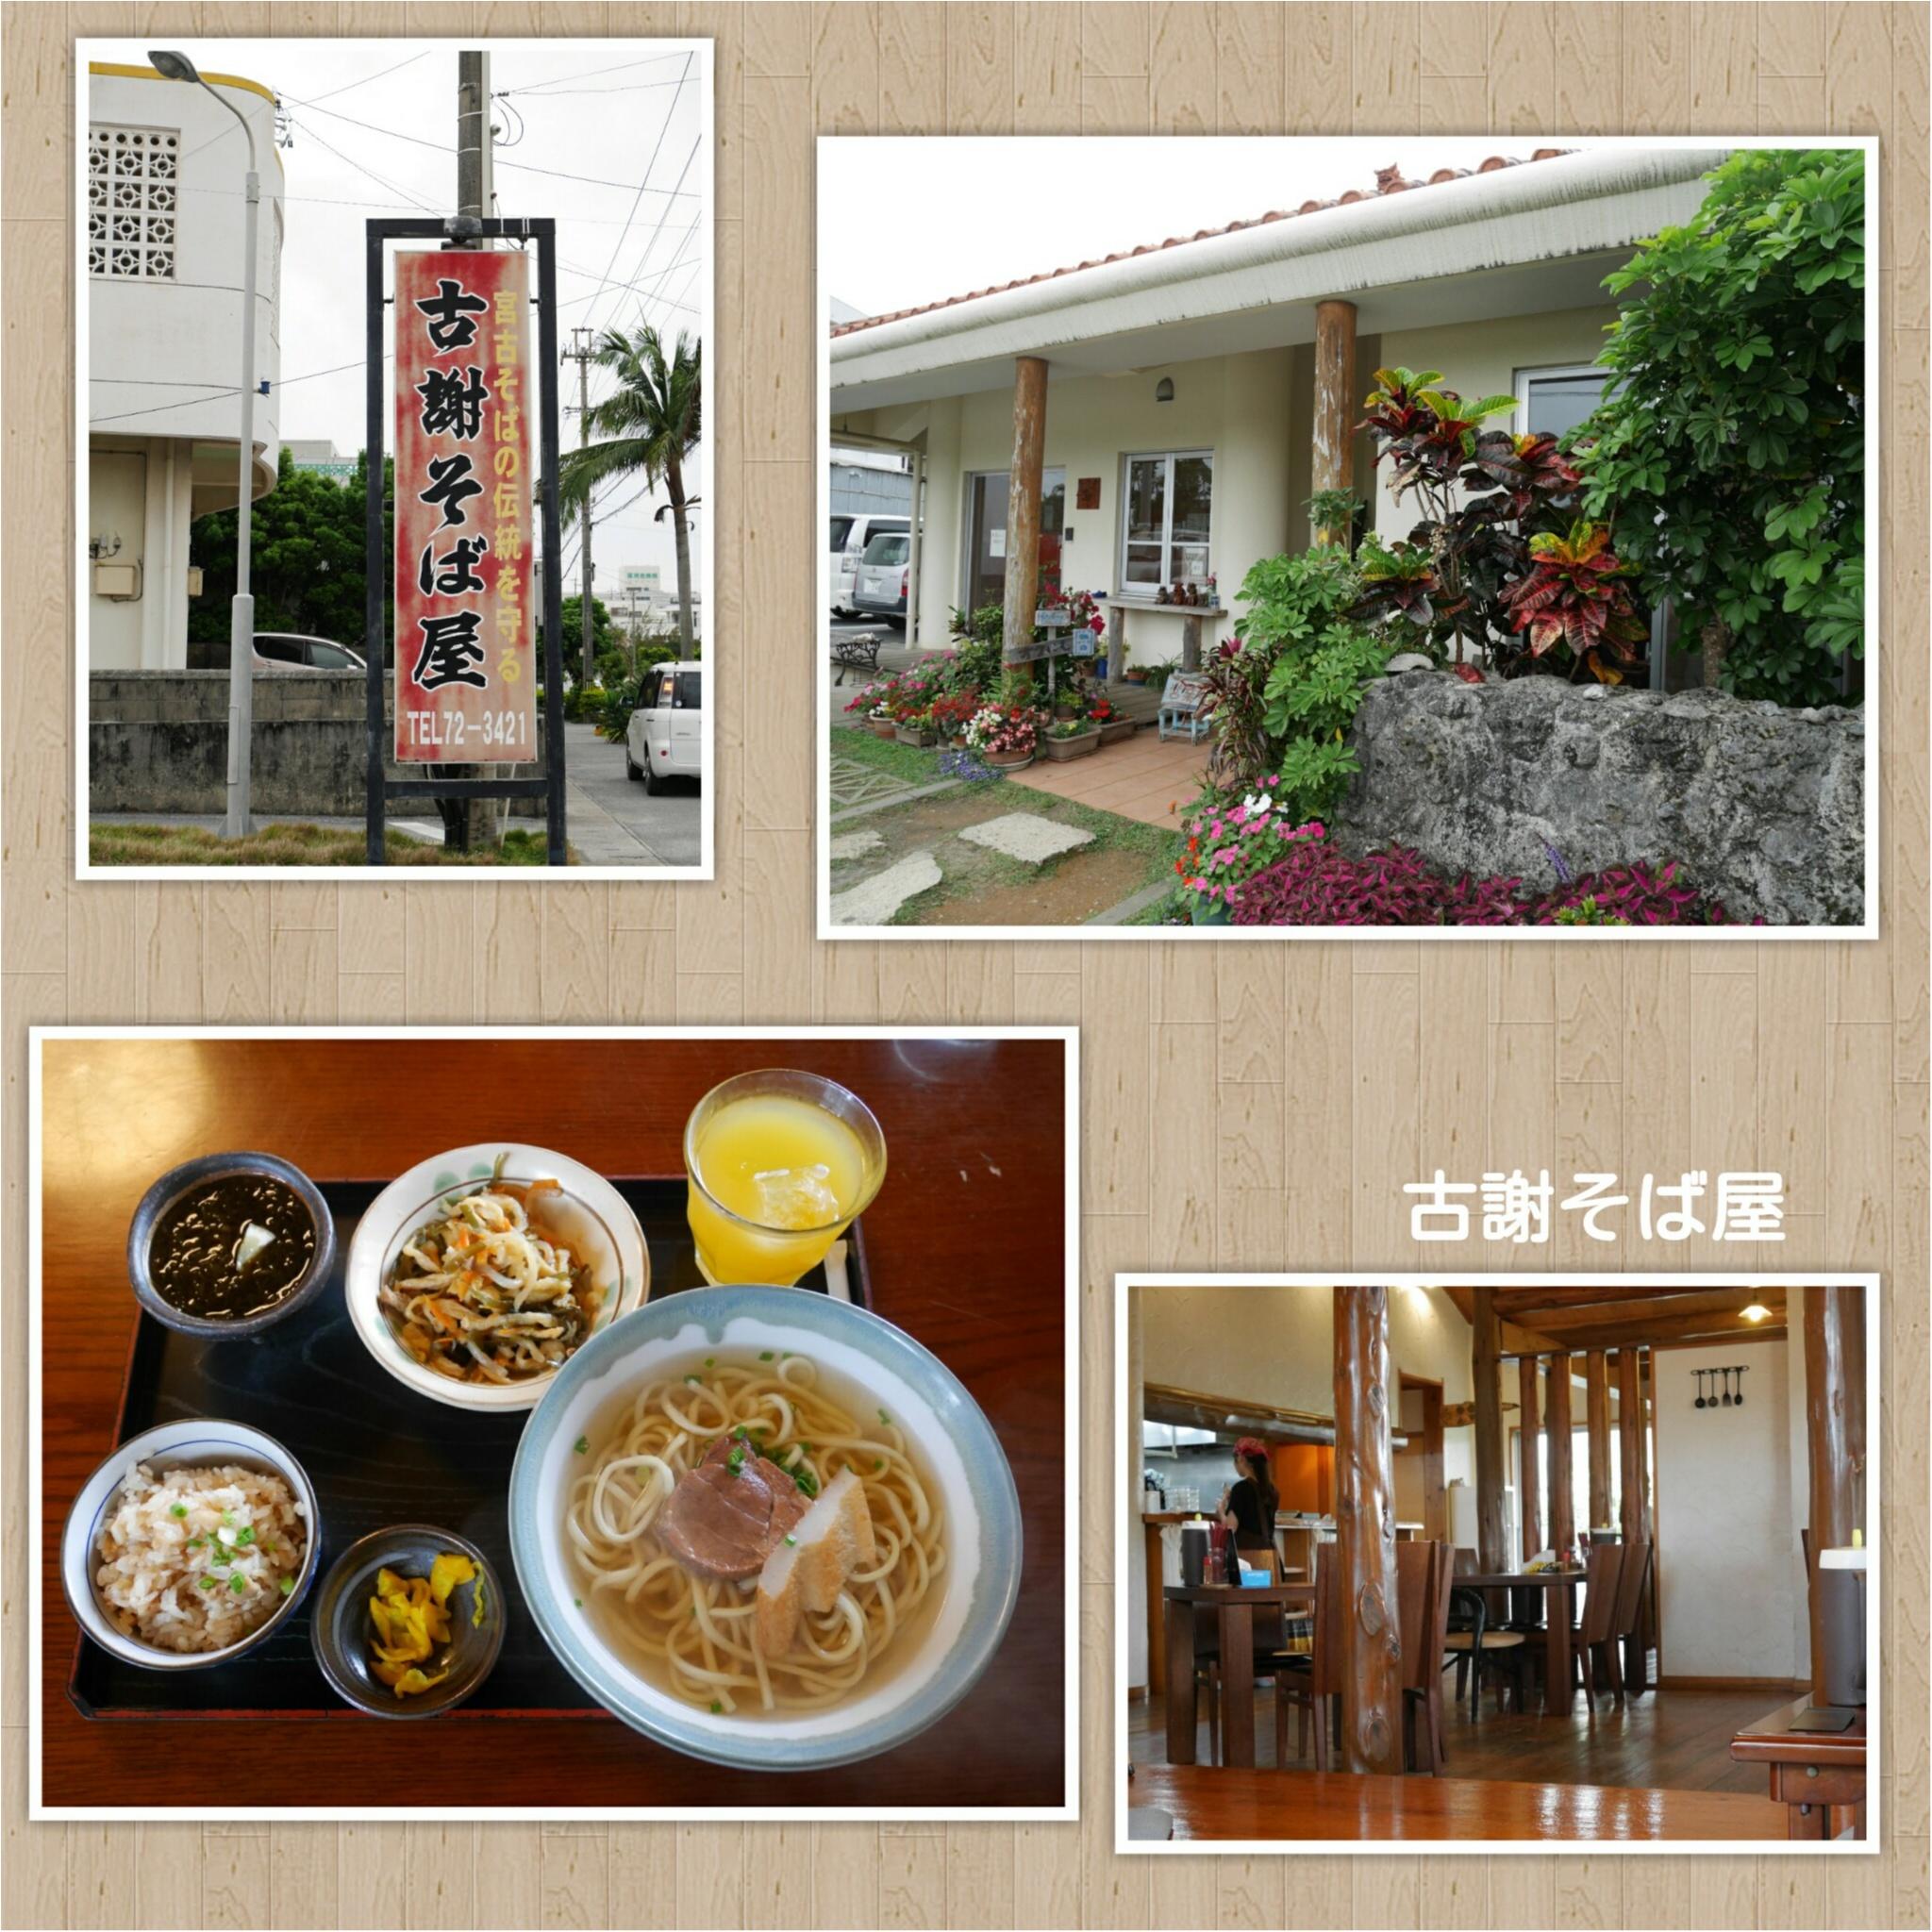 【宮古島】沖縄の離島が好きな人へ、1泊2日の弾丸旅のすすめ。_13